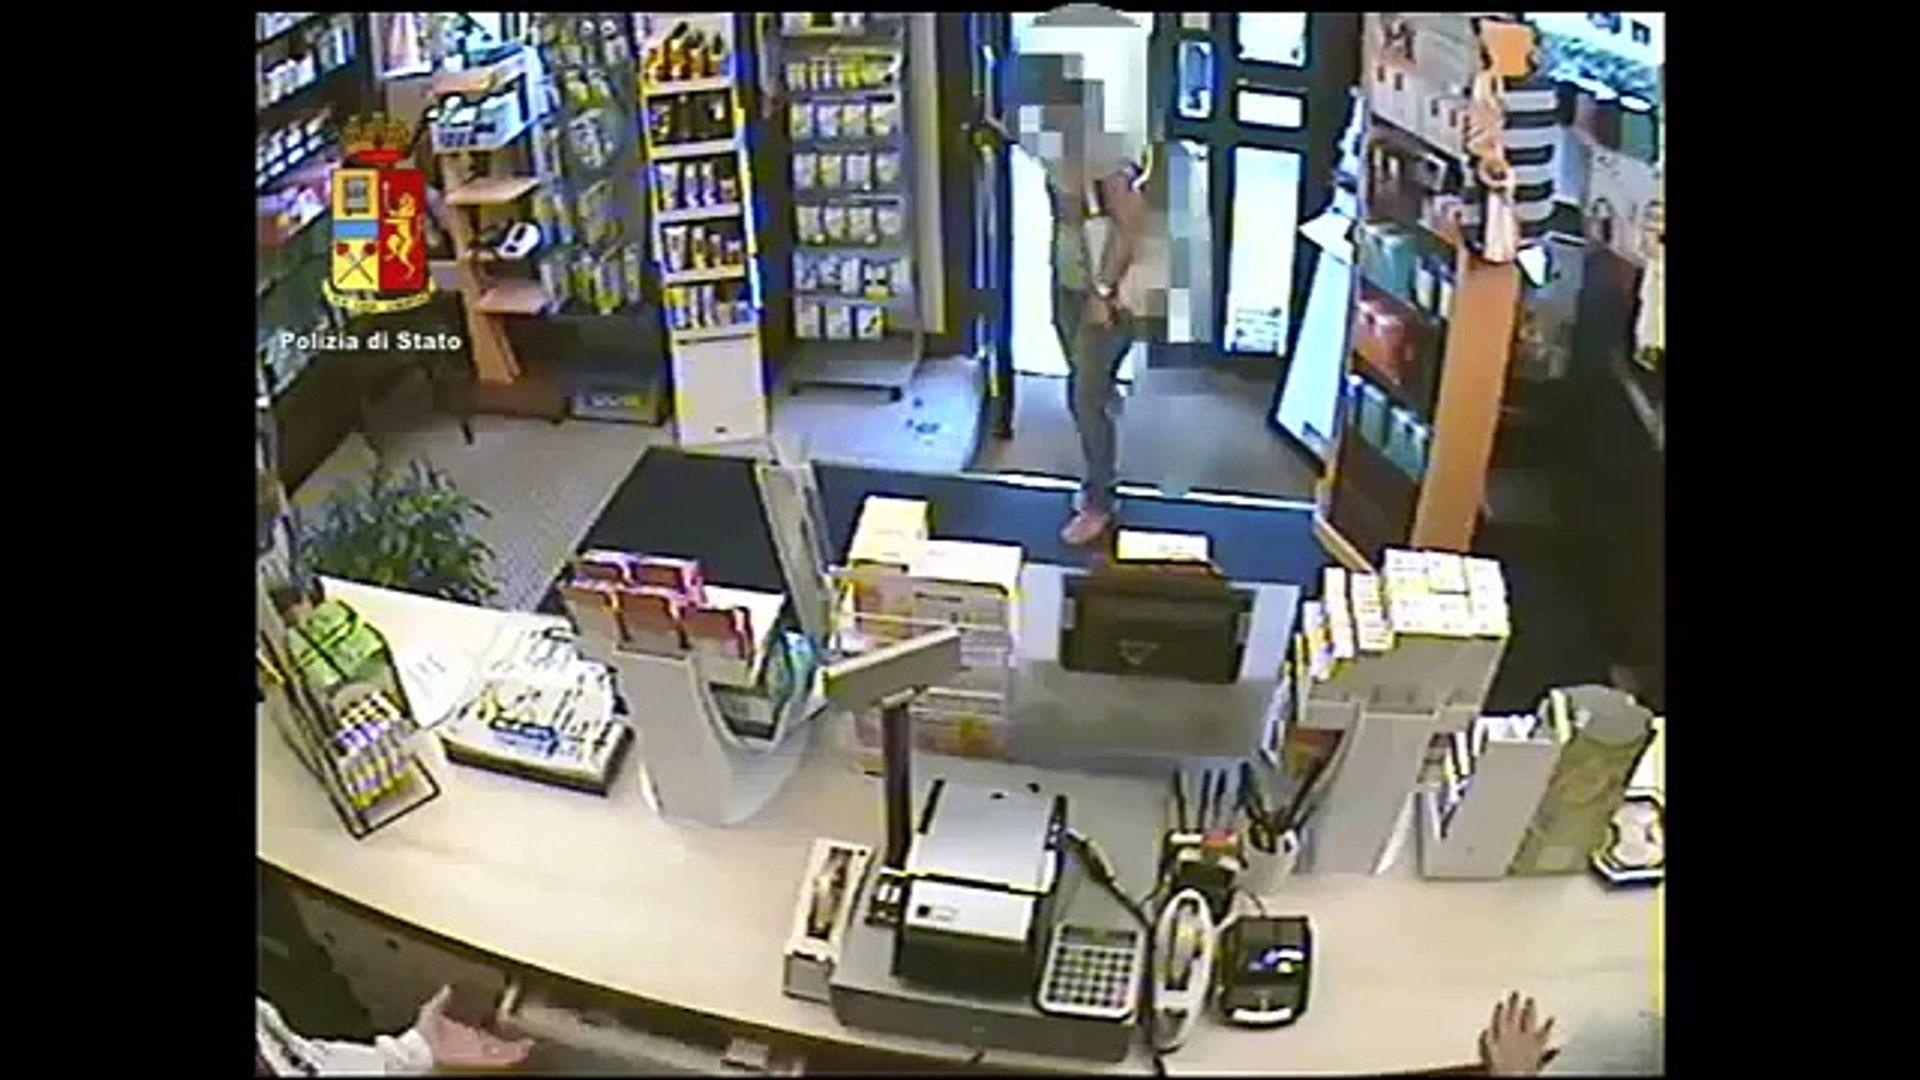 Catania - Rapina una farmacia a Picanello, arrestato (10.08.15)